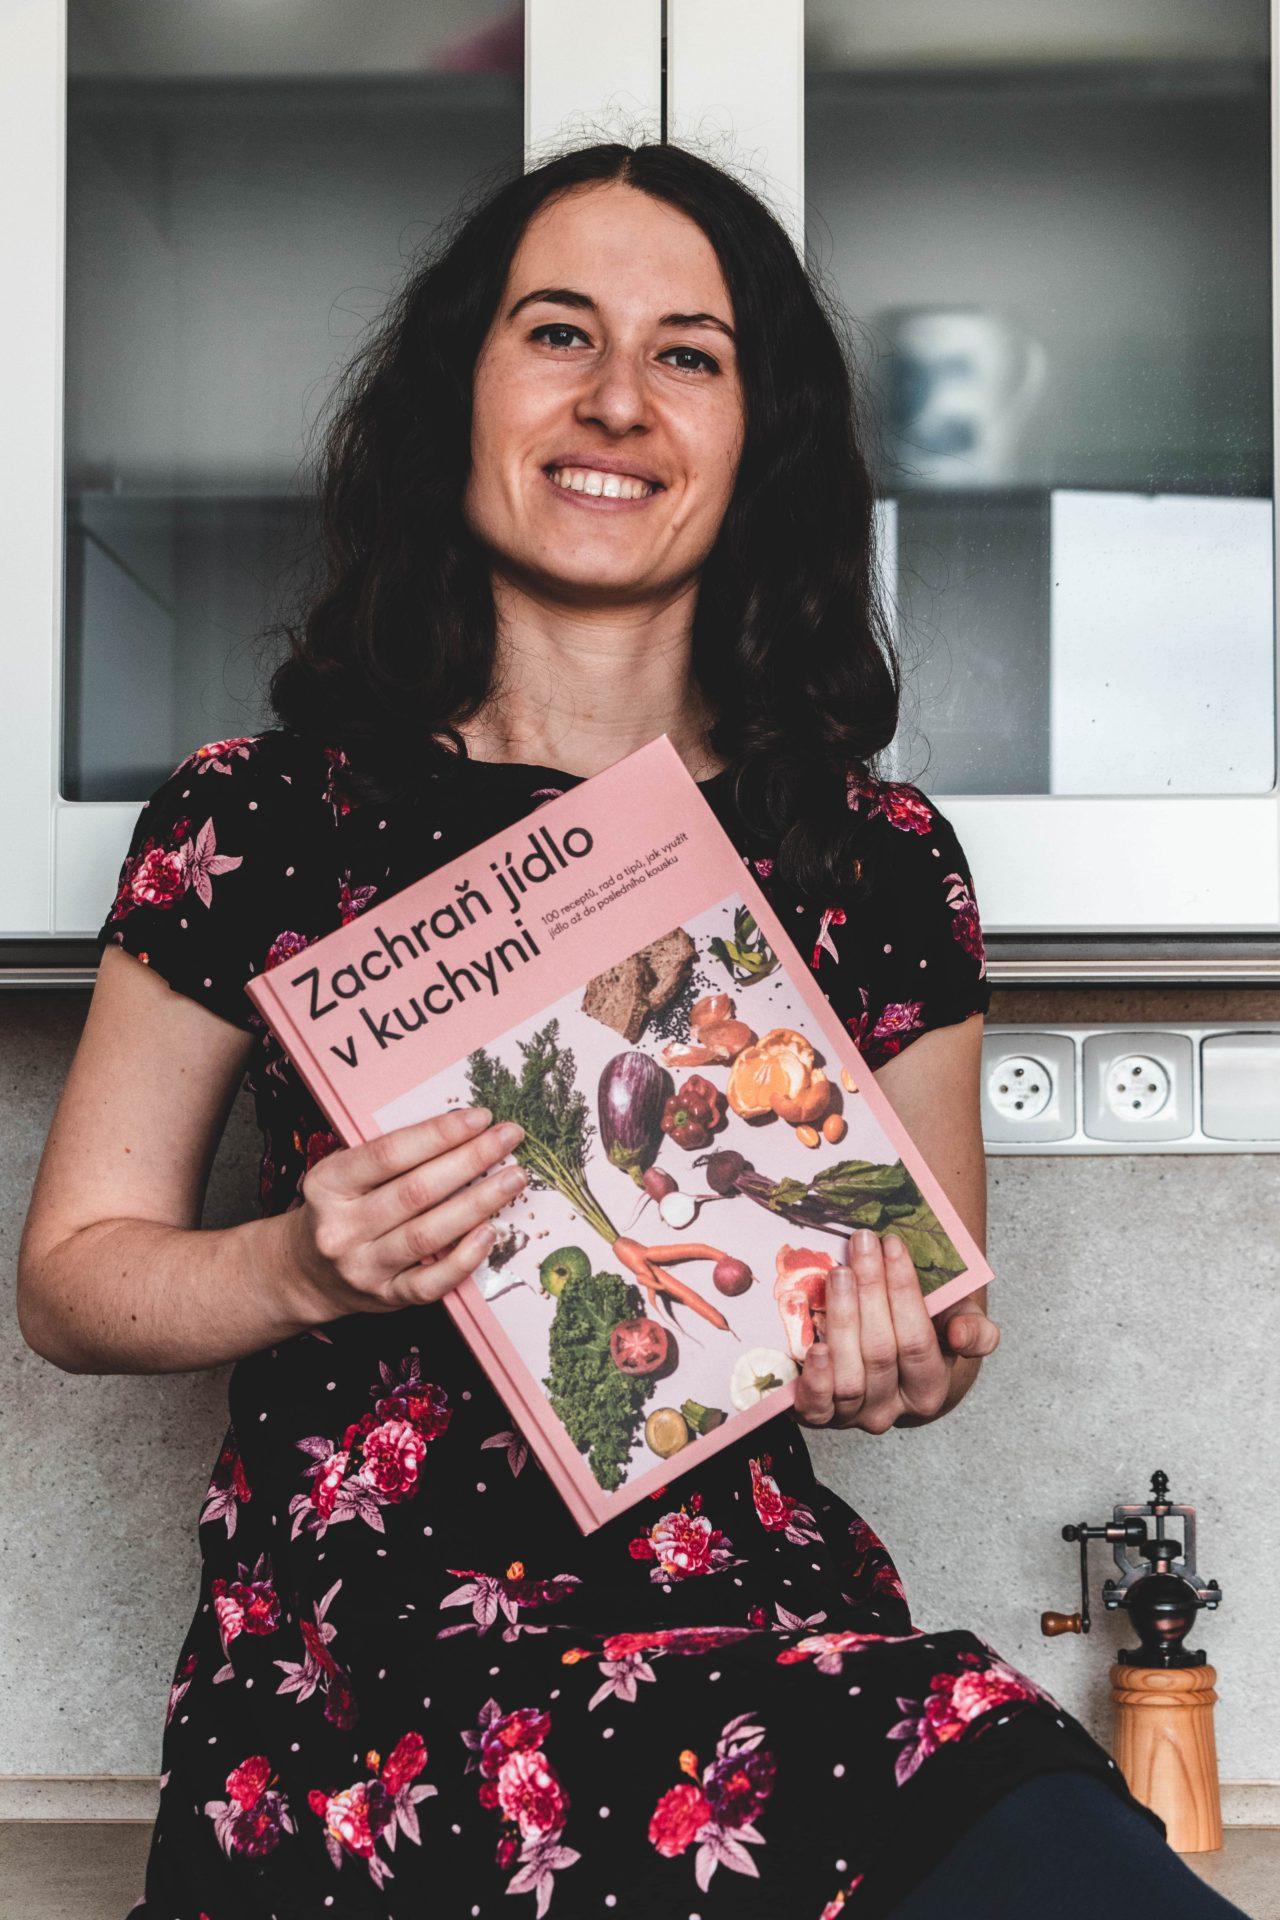 Kniha Zachraň jídlo v kuchyni